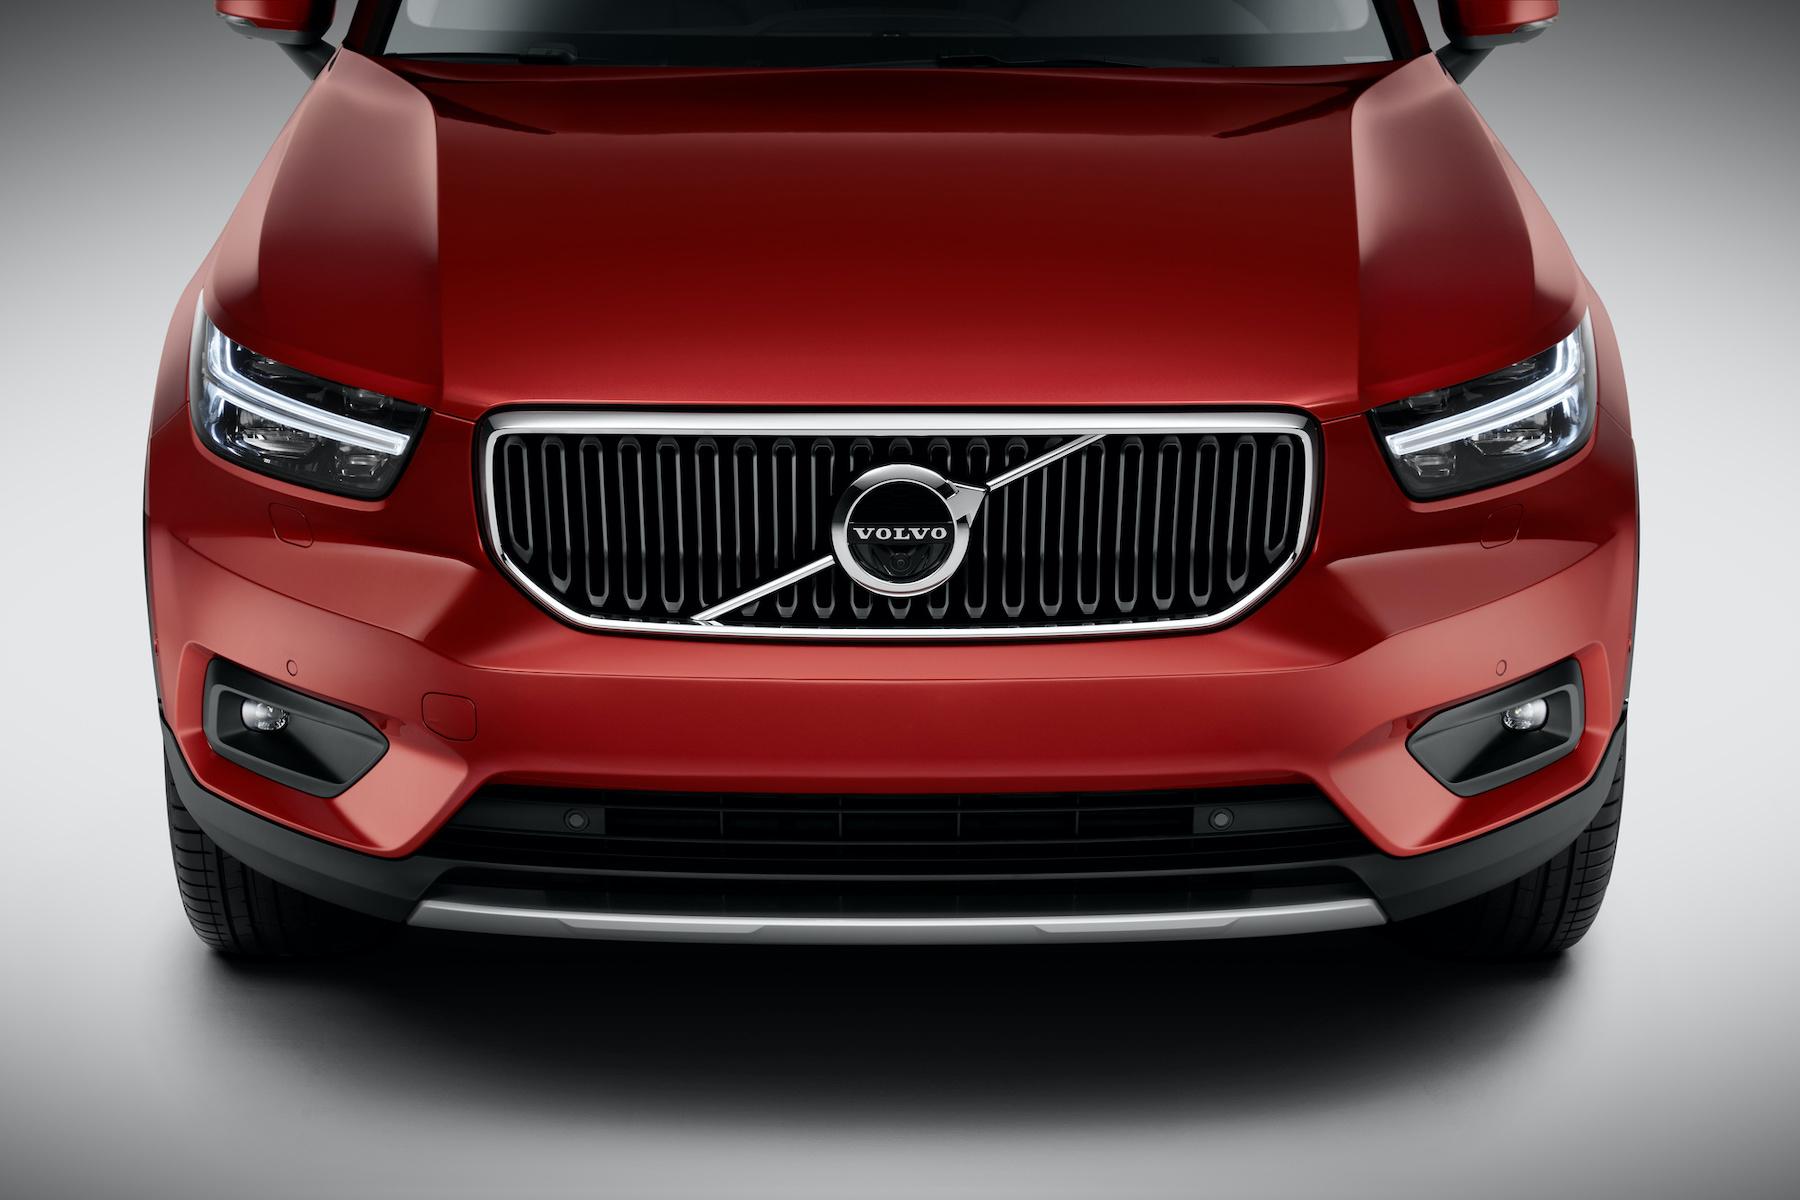 Designers Notebook: Wie ich das Exterieur des Volvo XC40 designt habe